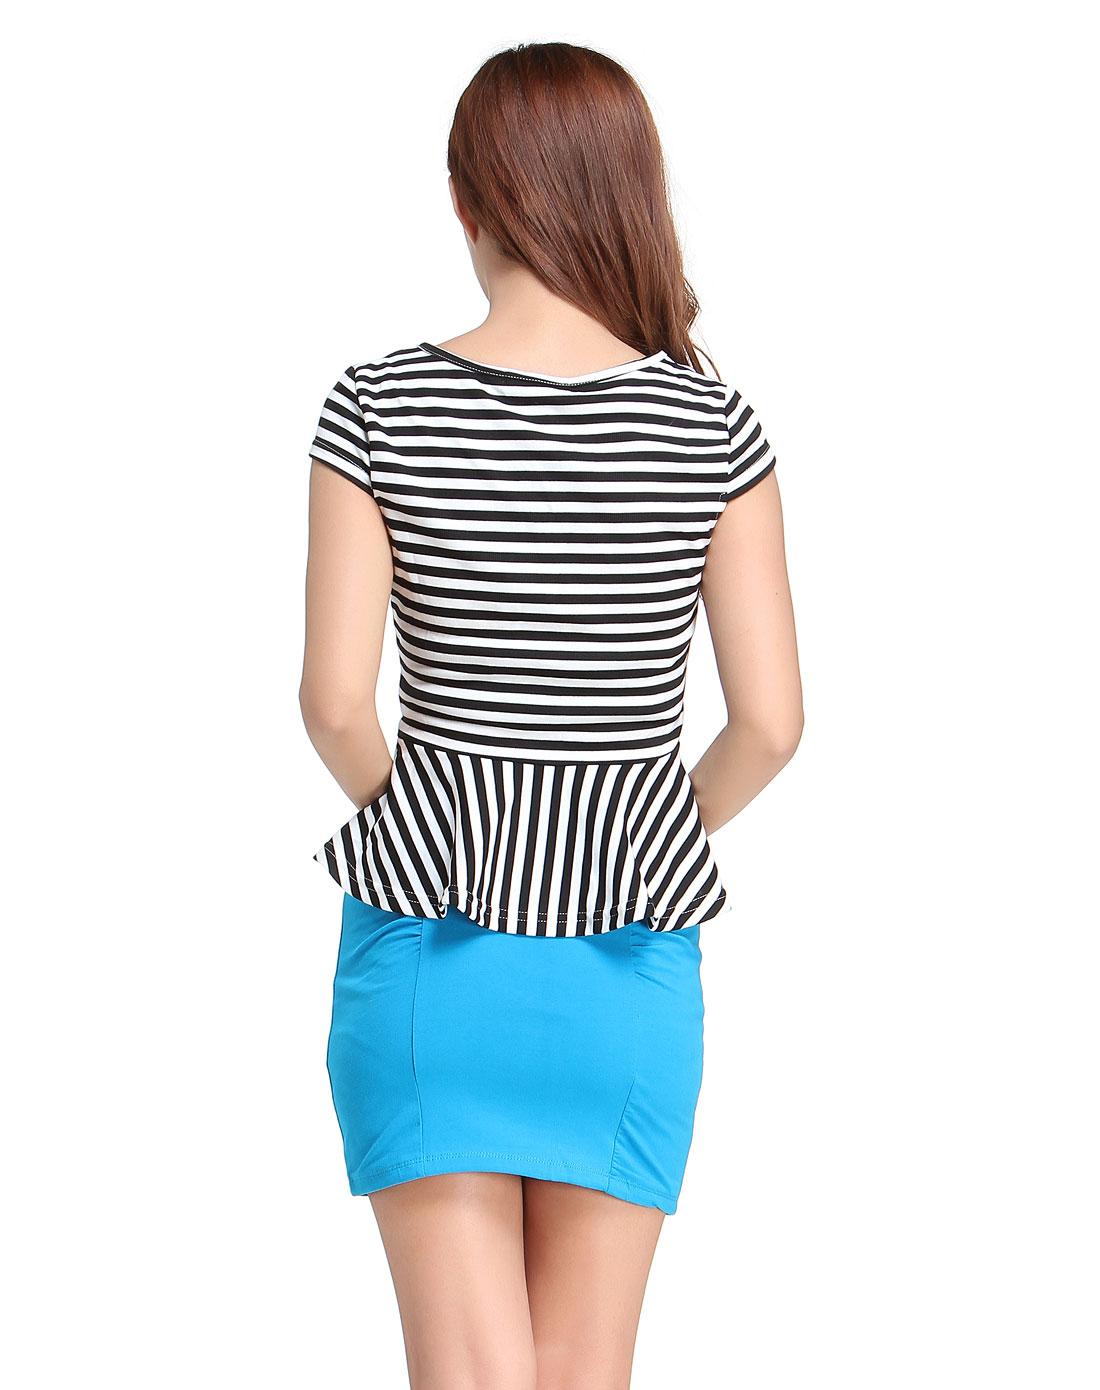 黑/白色横条时尚短袖上衣